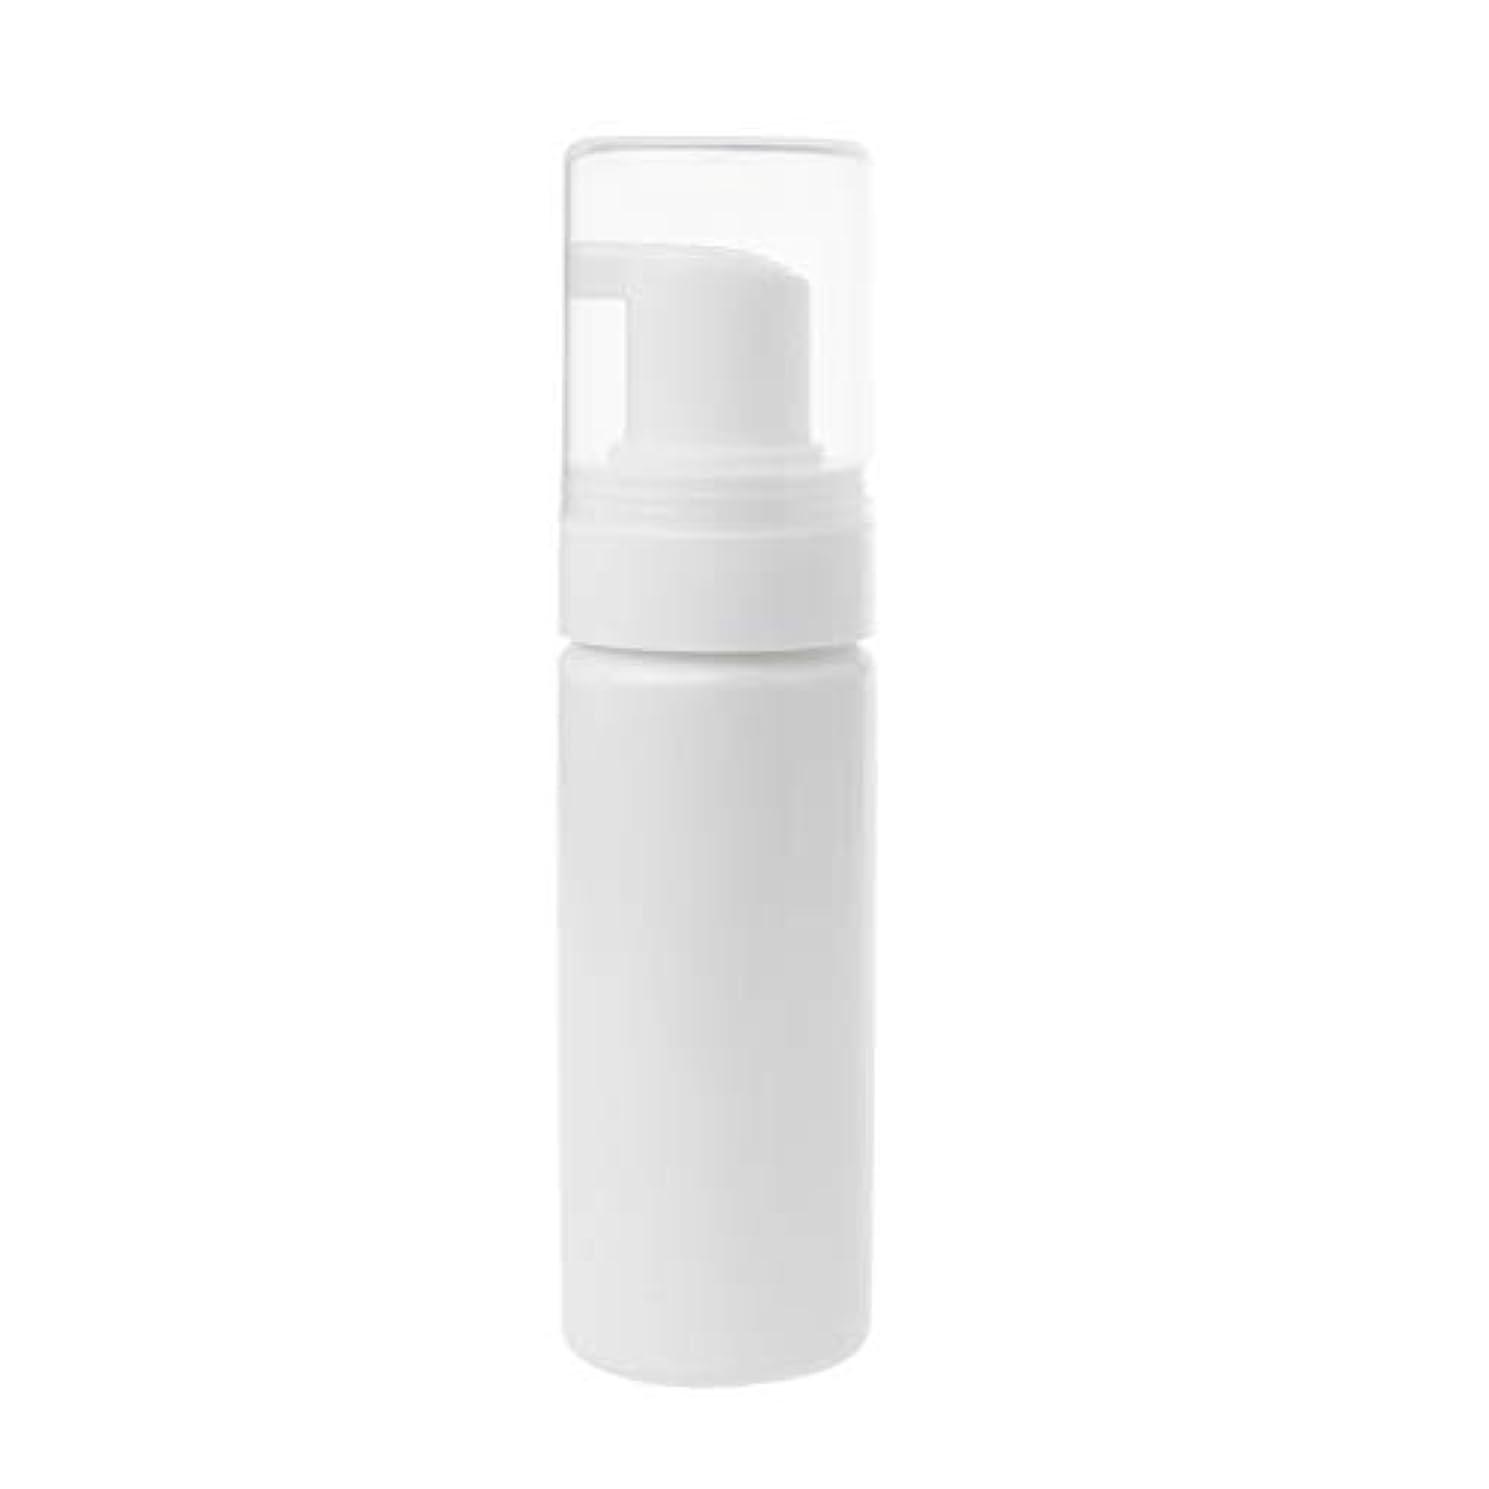 始めるレパートリー劣るDabixx クリーニング旅行のための50ml空の泡立つびん旅行石鹸の液体の泡のびん - A#